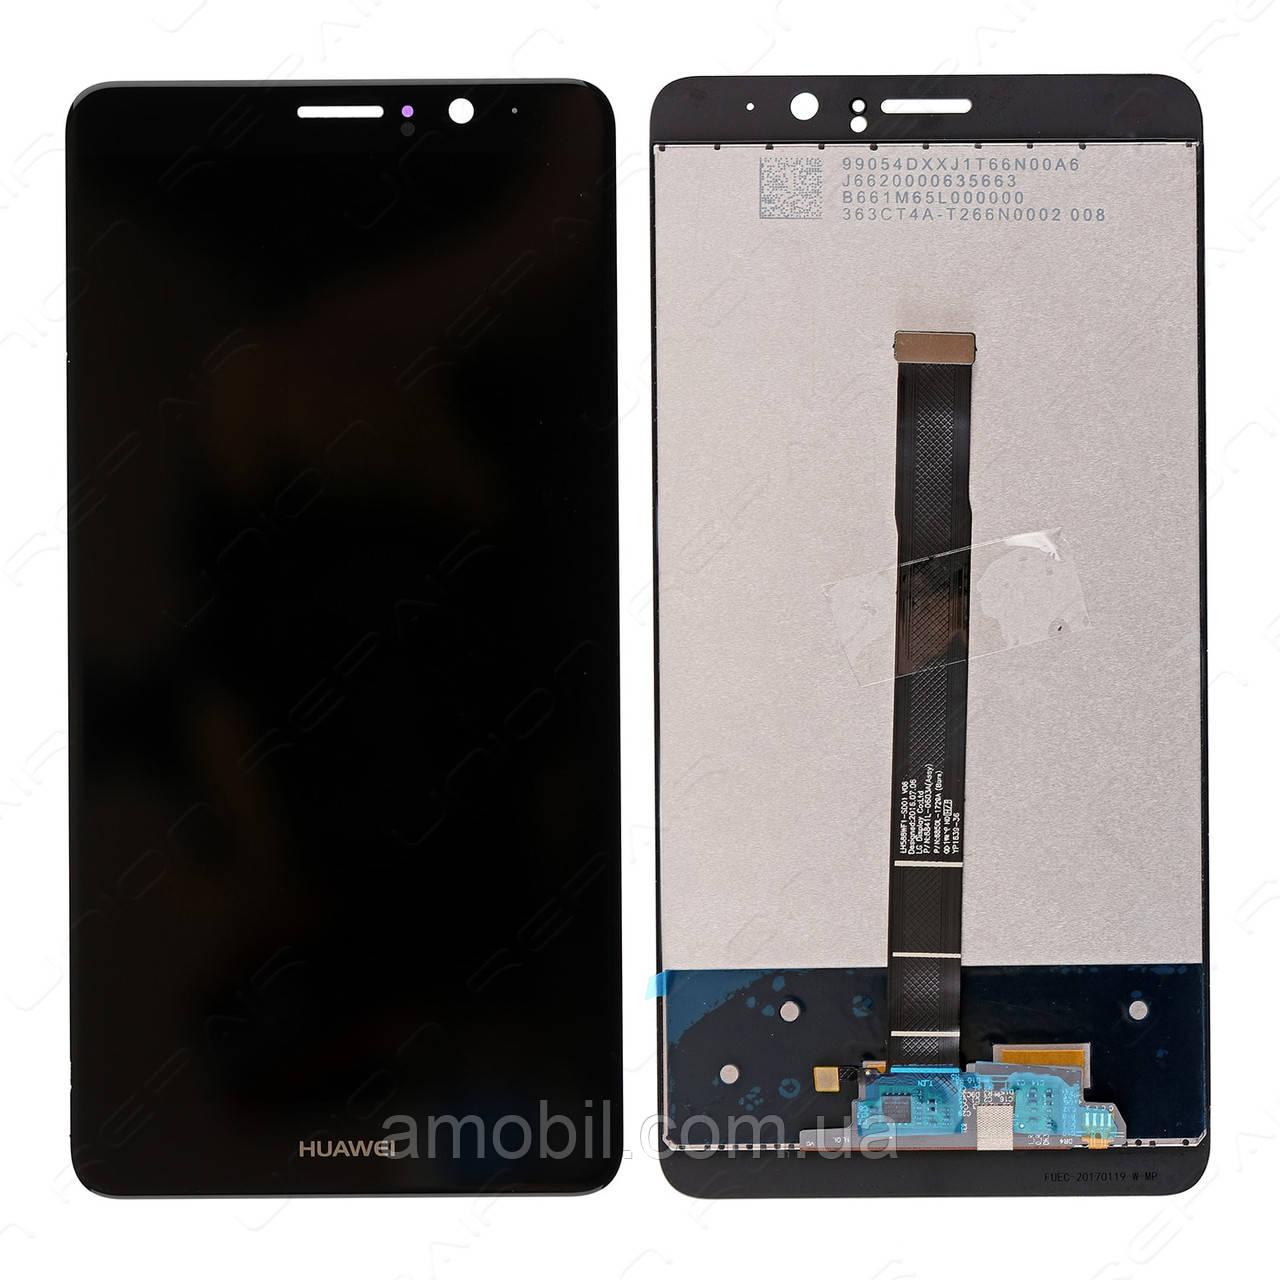 Дисплей + сенсор Huawei Mate 9 (MHA-L09 / MHA-L29 / MHA-AL00)